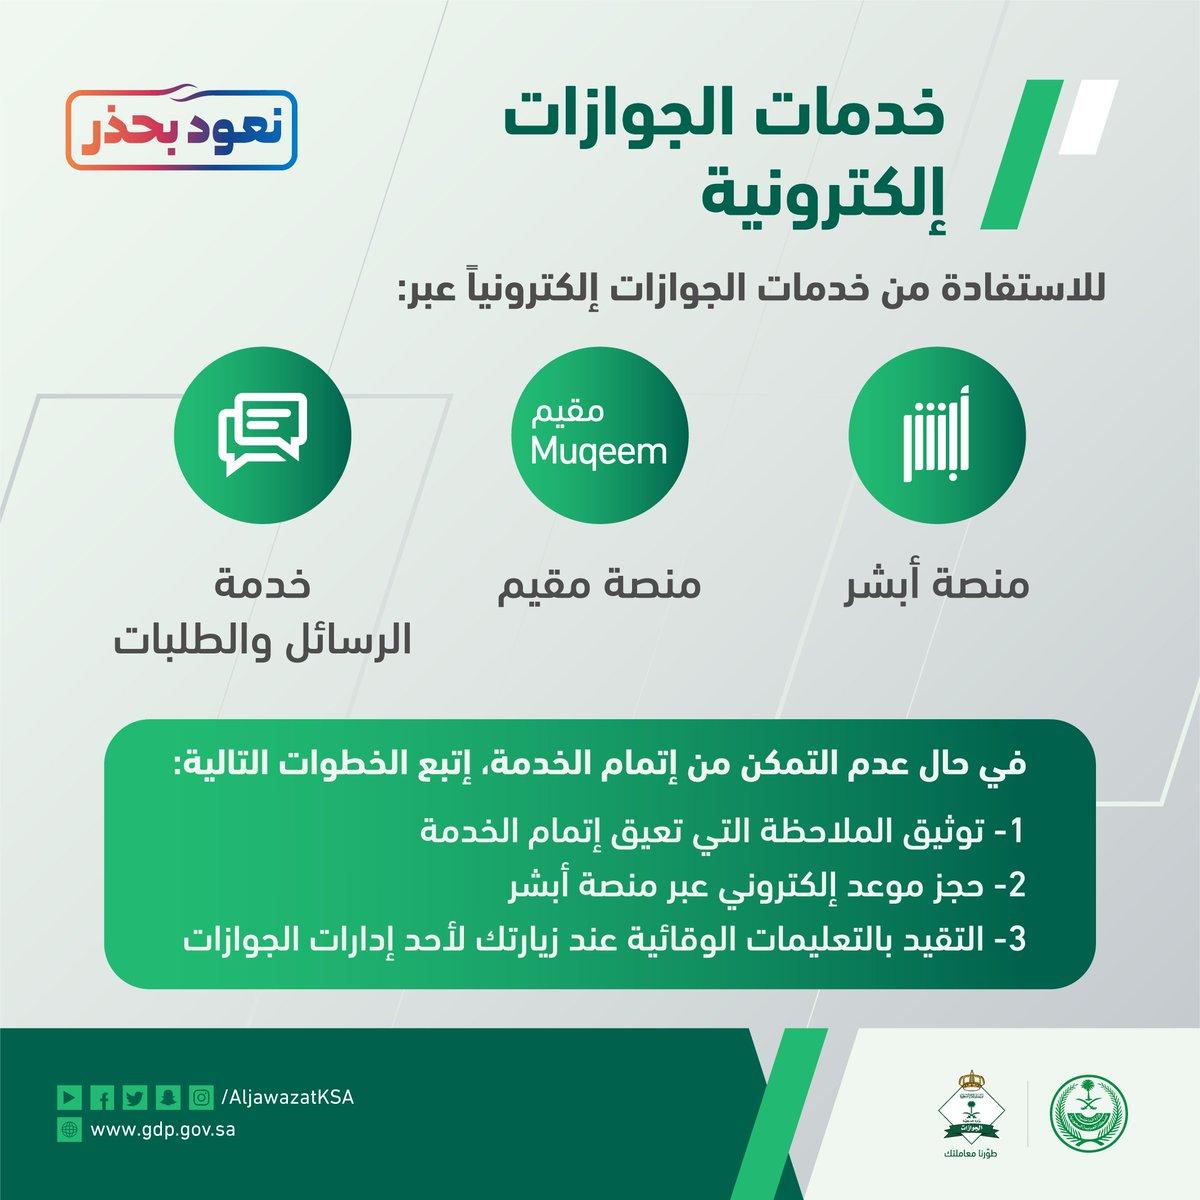 الجوازات السعودية Aljawazatksa Twitter